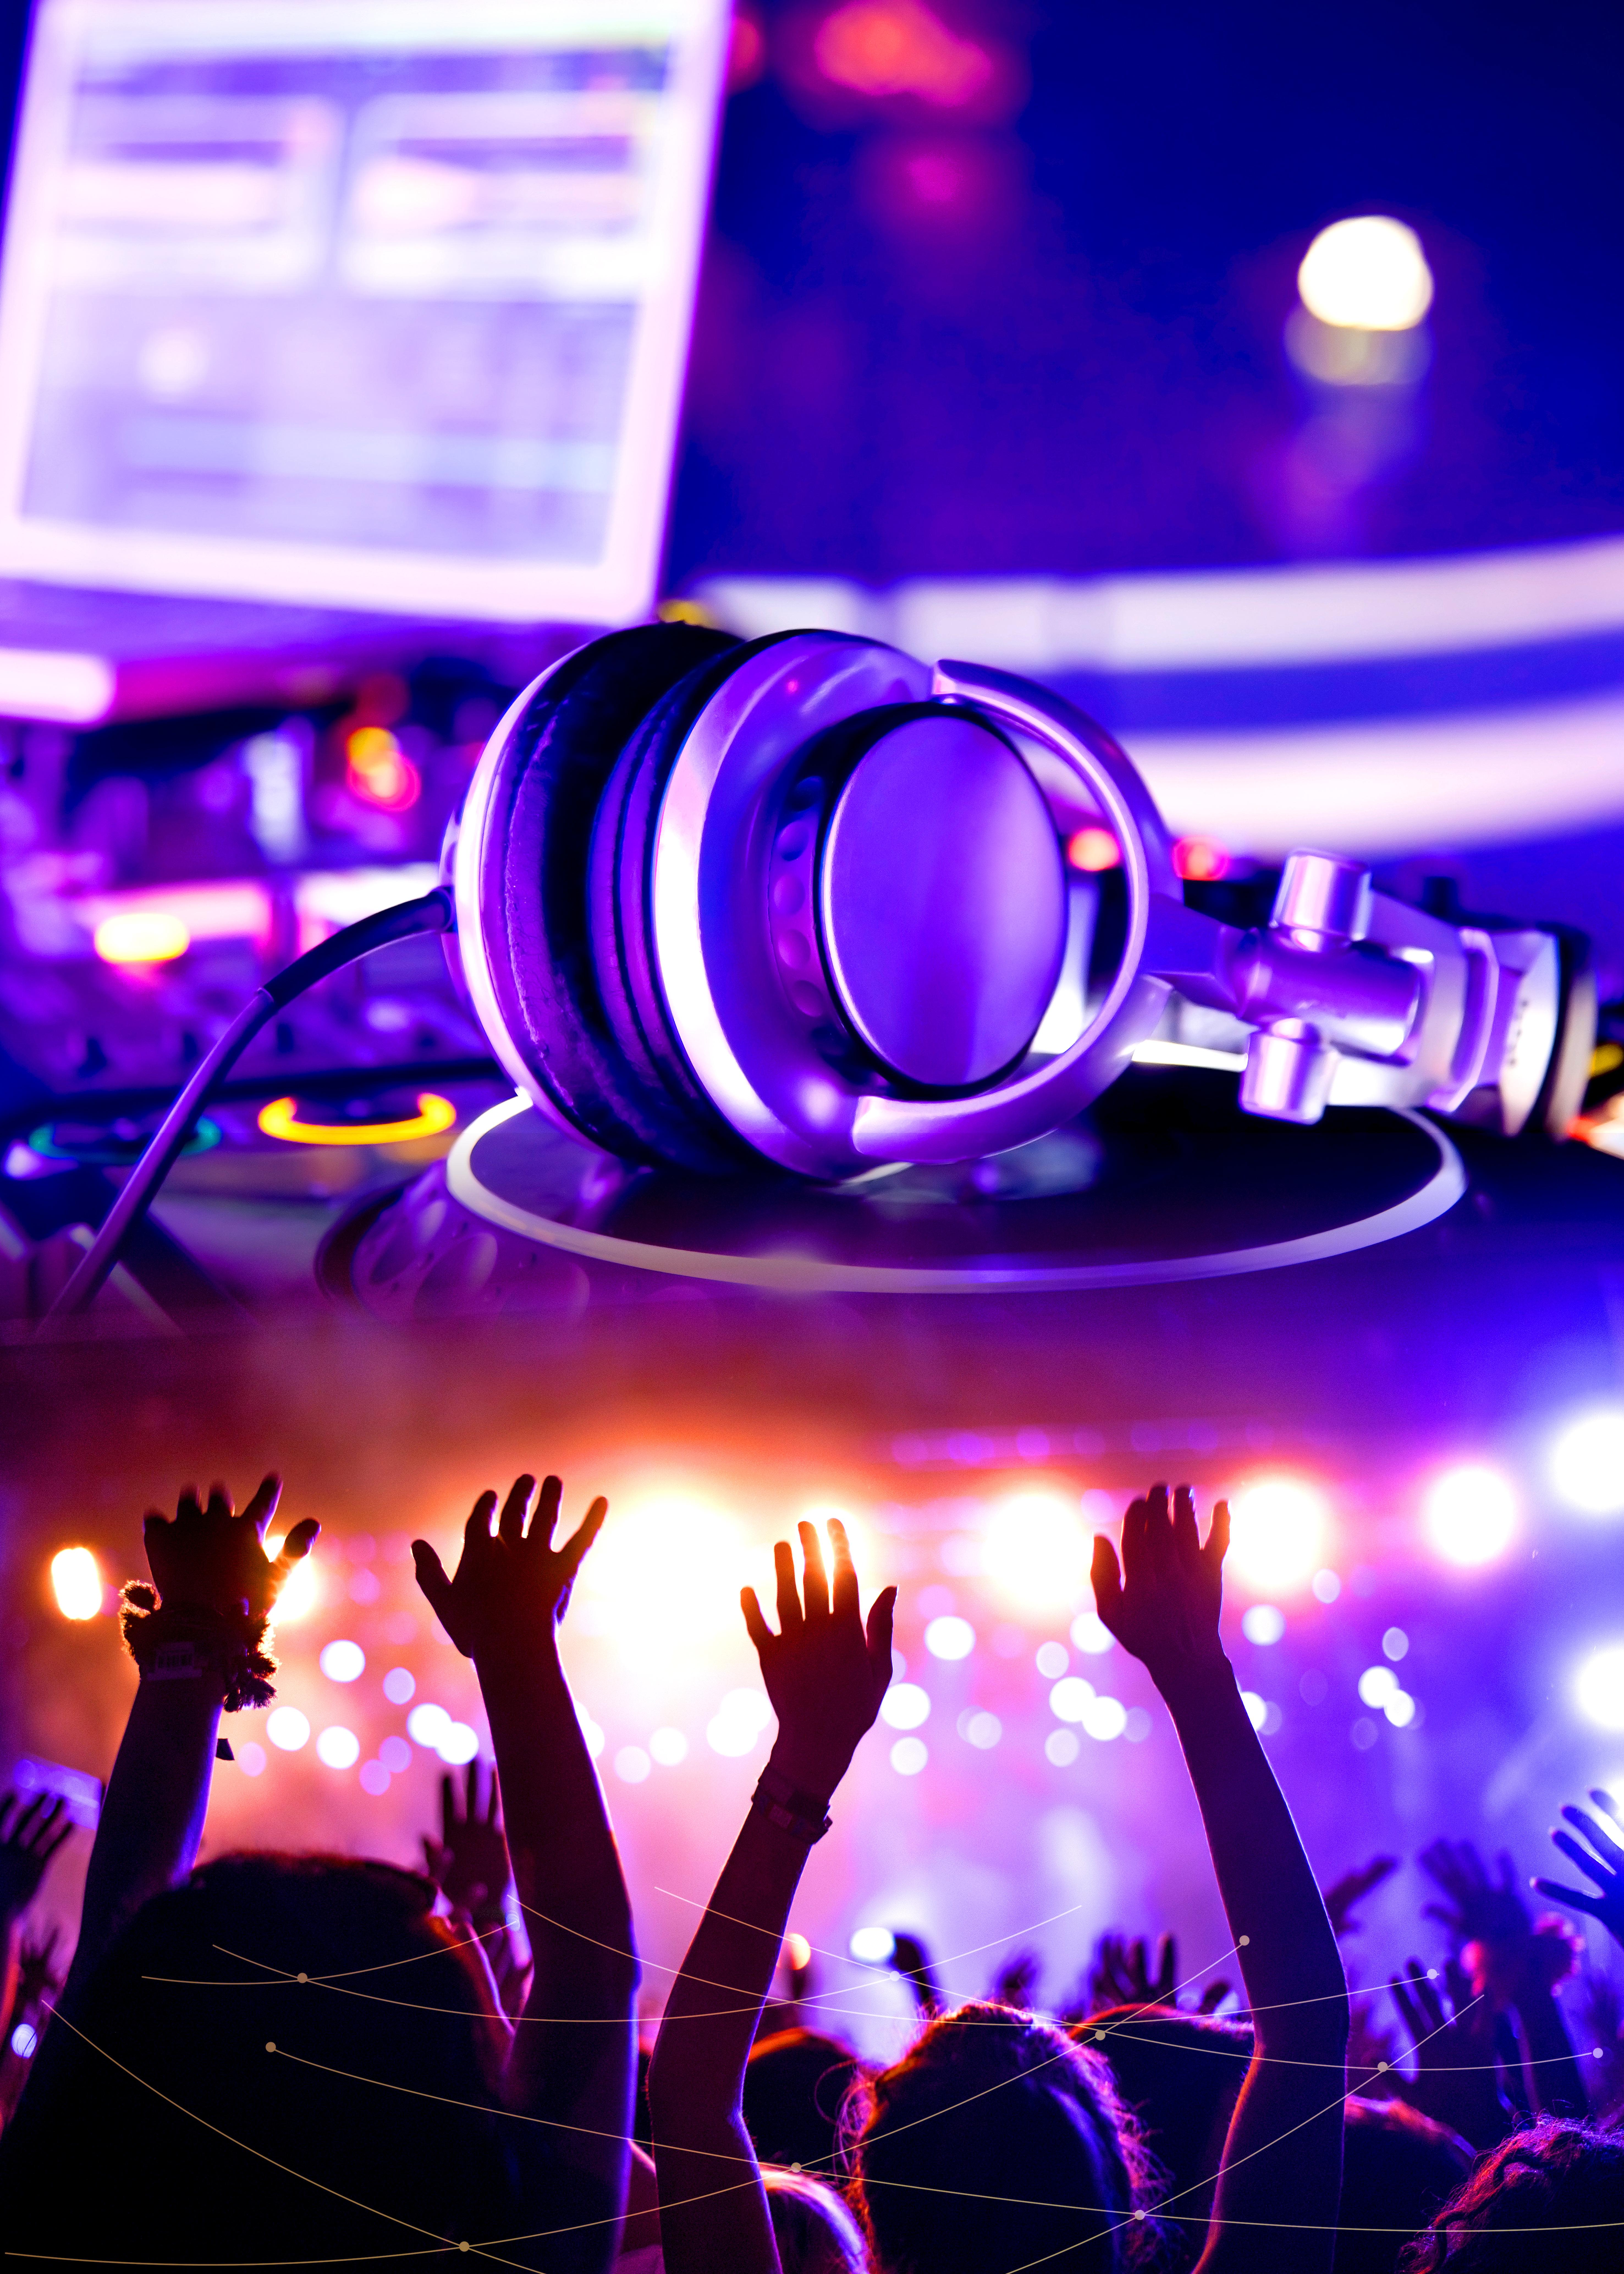 dj carnival background  dj  carnival  broadcaster background image for free download